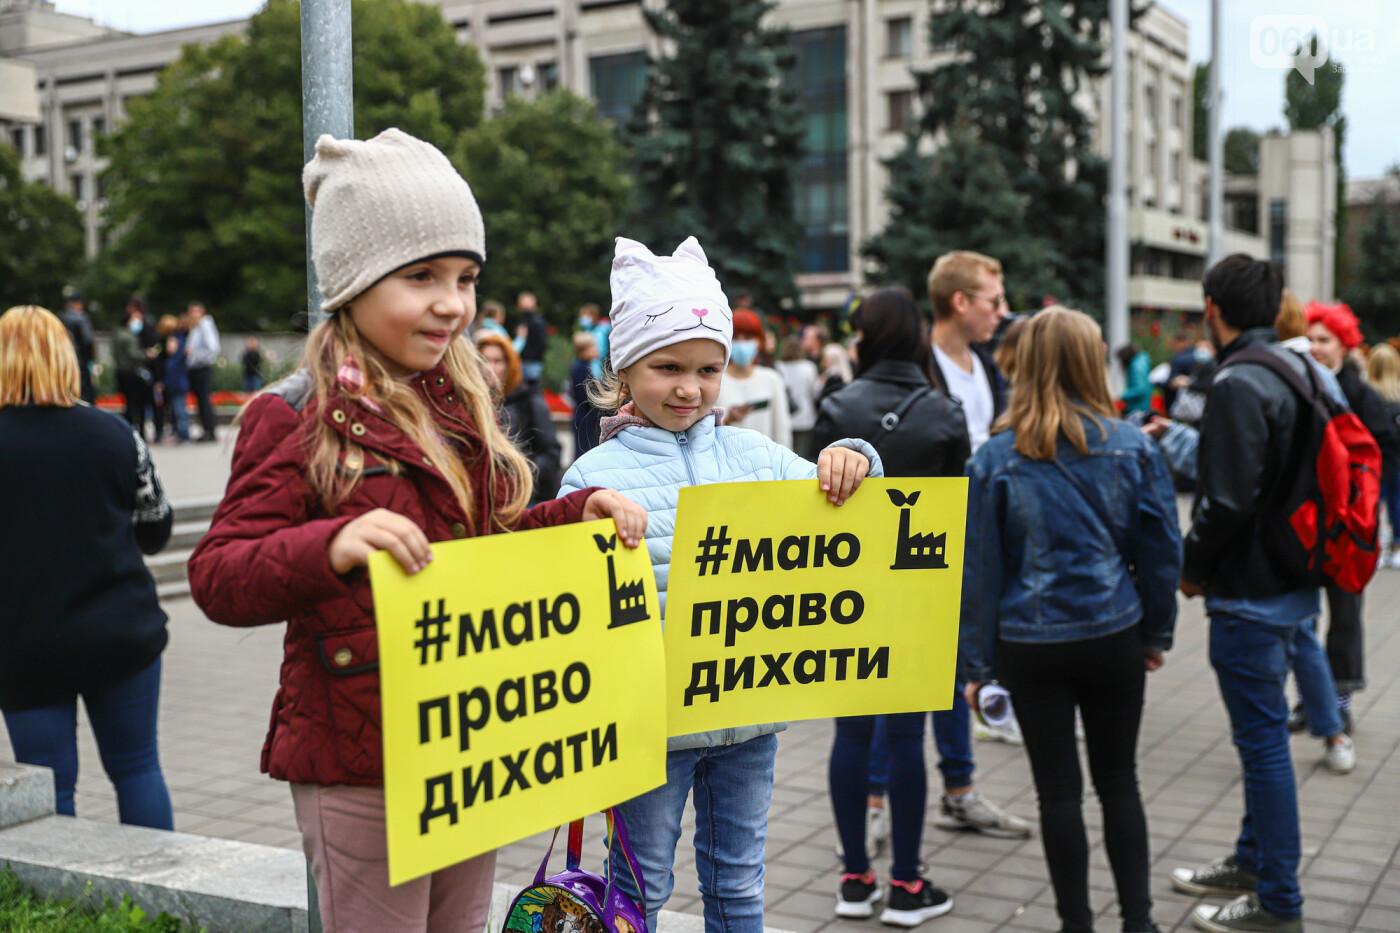 Маю право дихати: тысячи запорожцев вышли на экологический митинг, ФОТО, ВИДЕО, фото-6